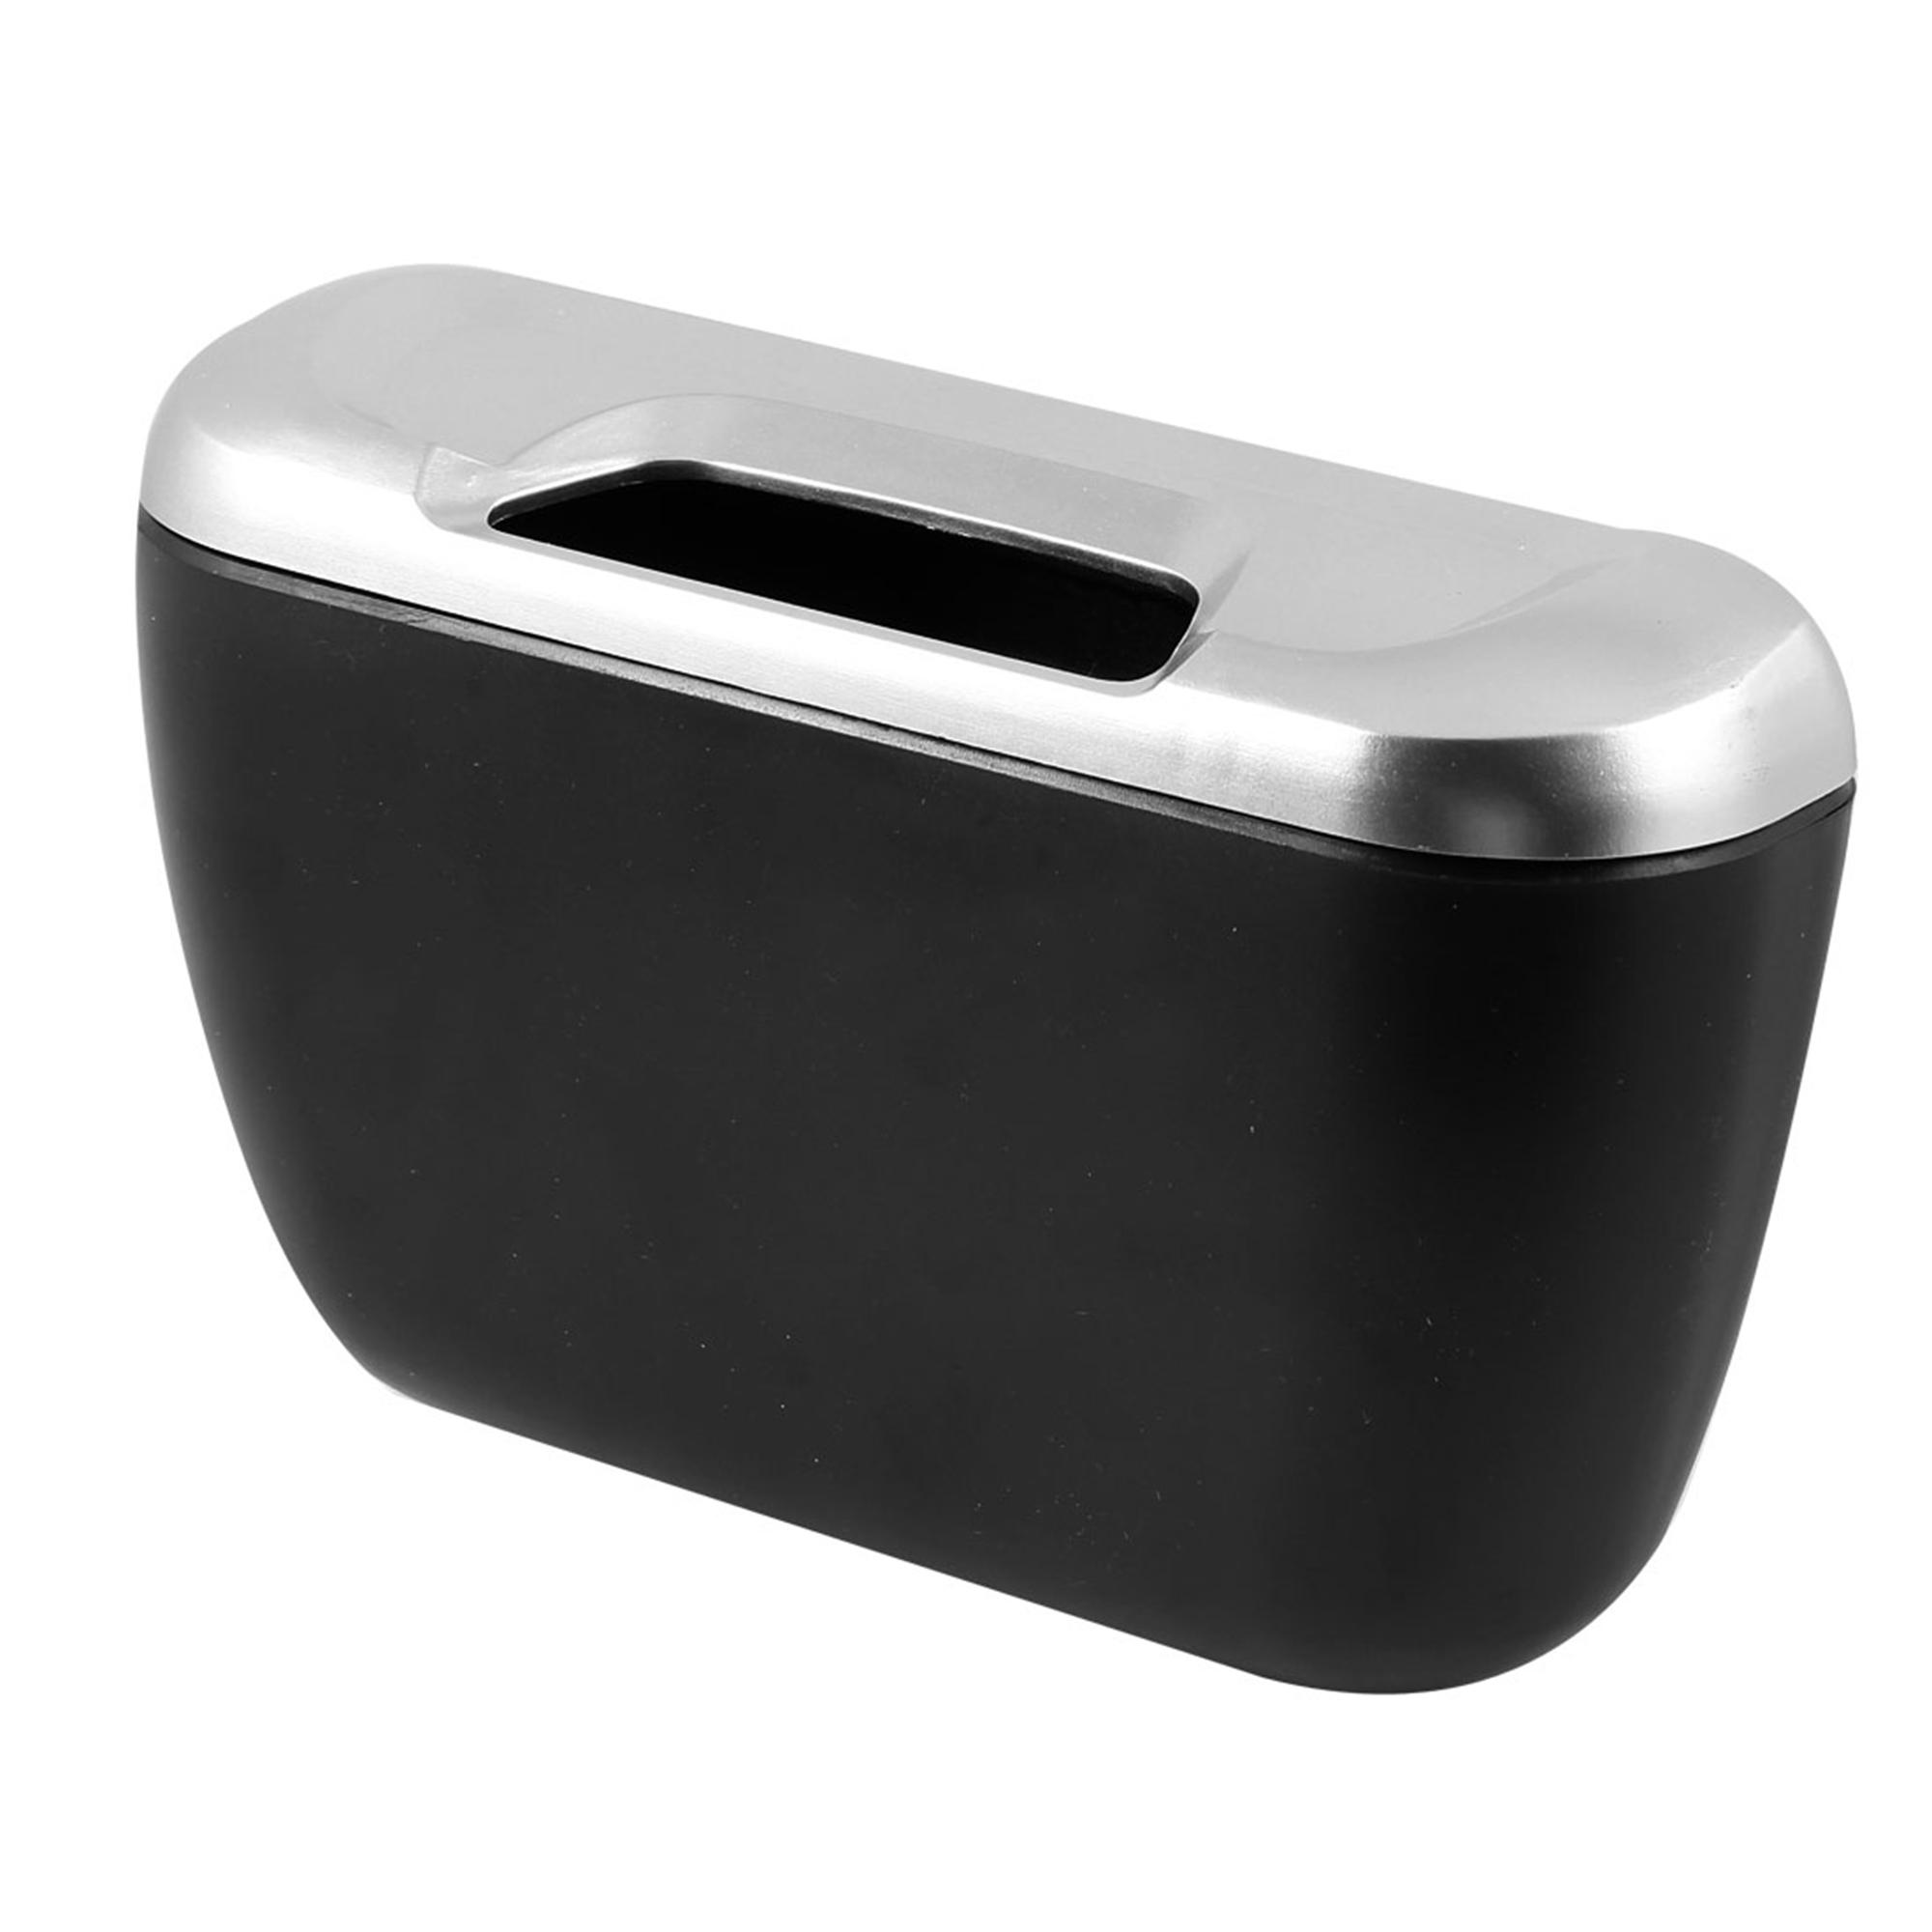 Mini Auto Car Trash Rubbish Can Garbage Dust Case Holder Box Bin Black Silver Tone